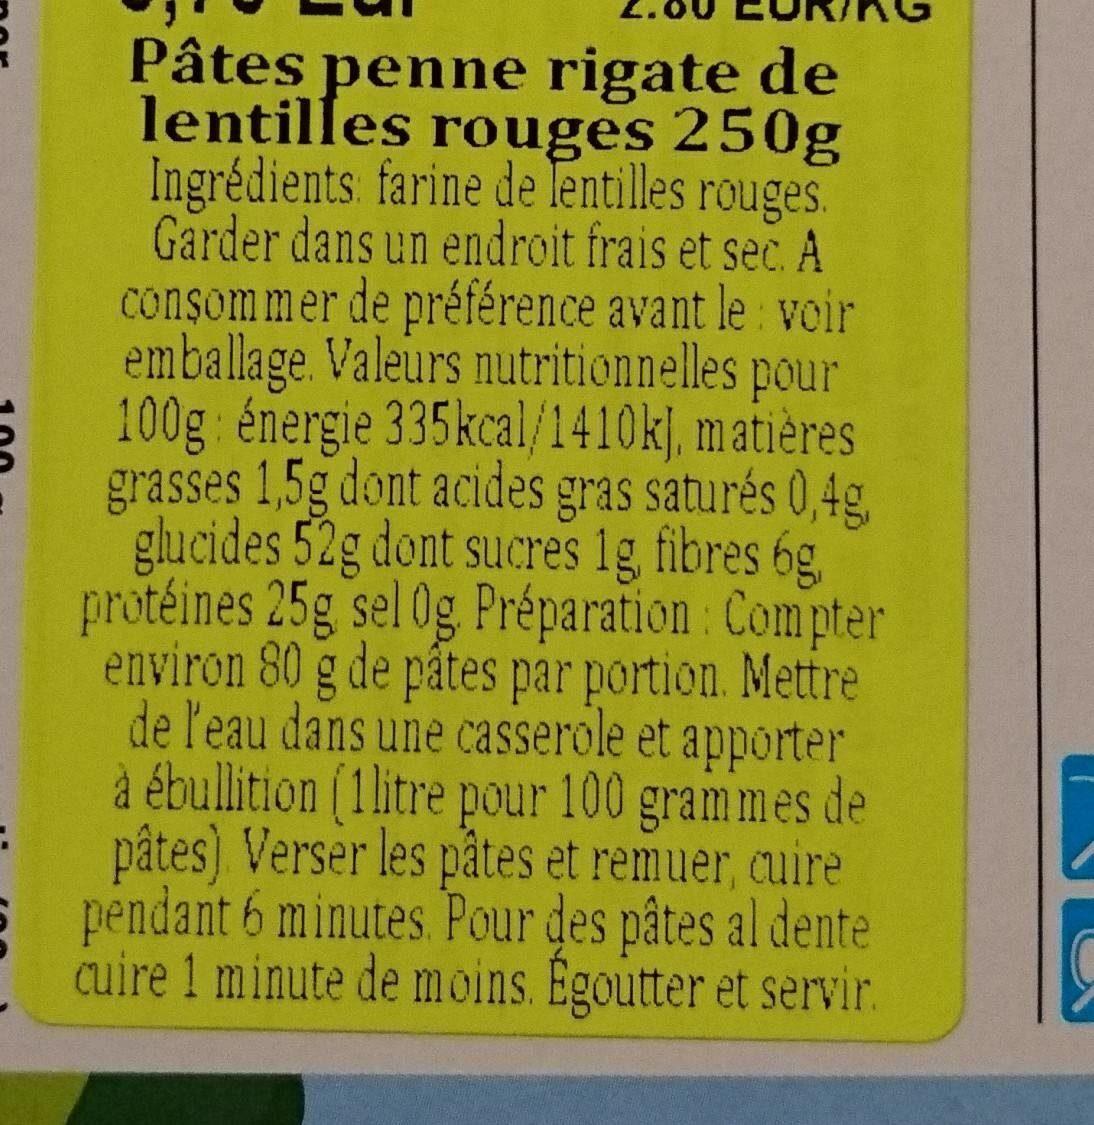 Pâtes penne rigate de lentilles rouges - Ingrédients - fr